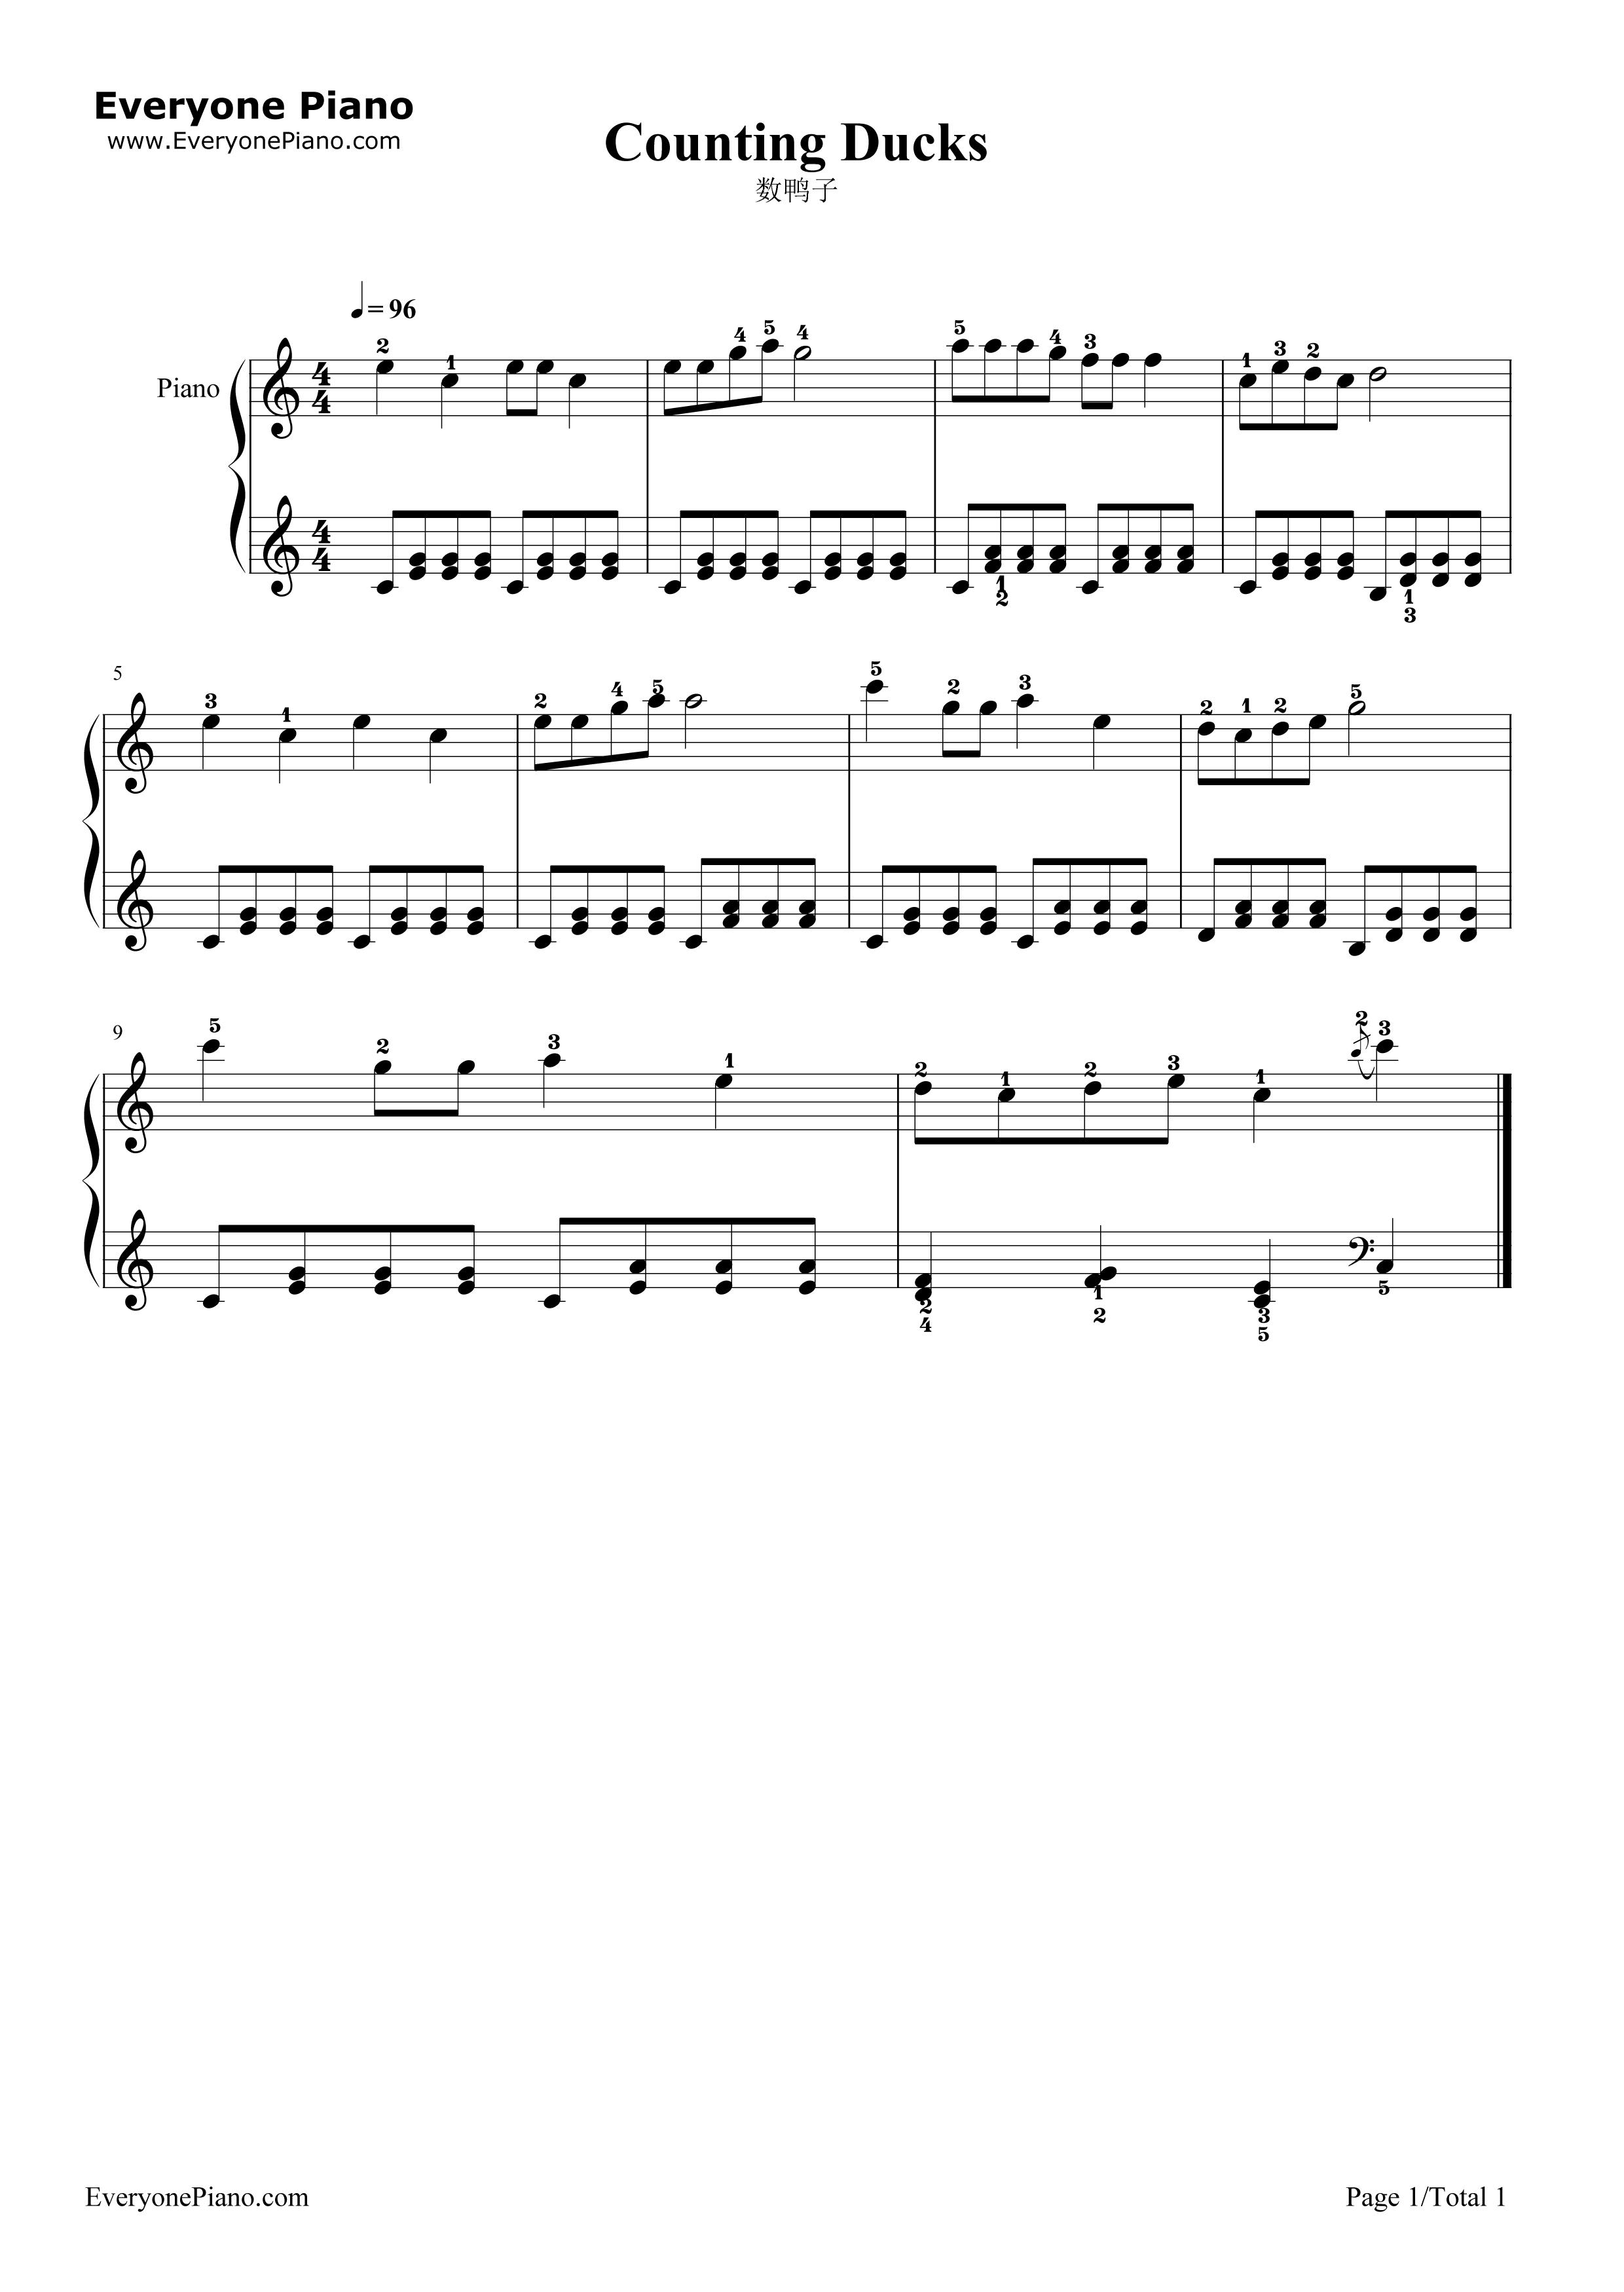 钢琴曲谱 儿歌 数鸭子 数鸭子五线谱预览1  }  仅供学习交流使用!